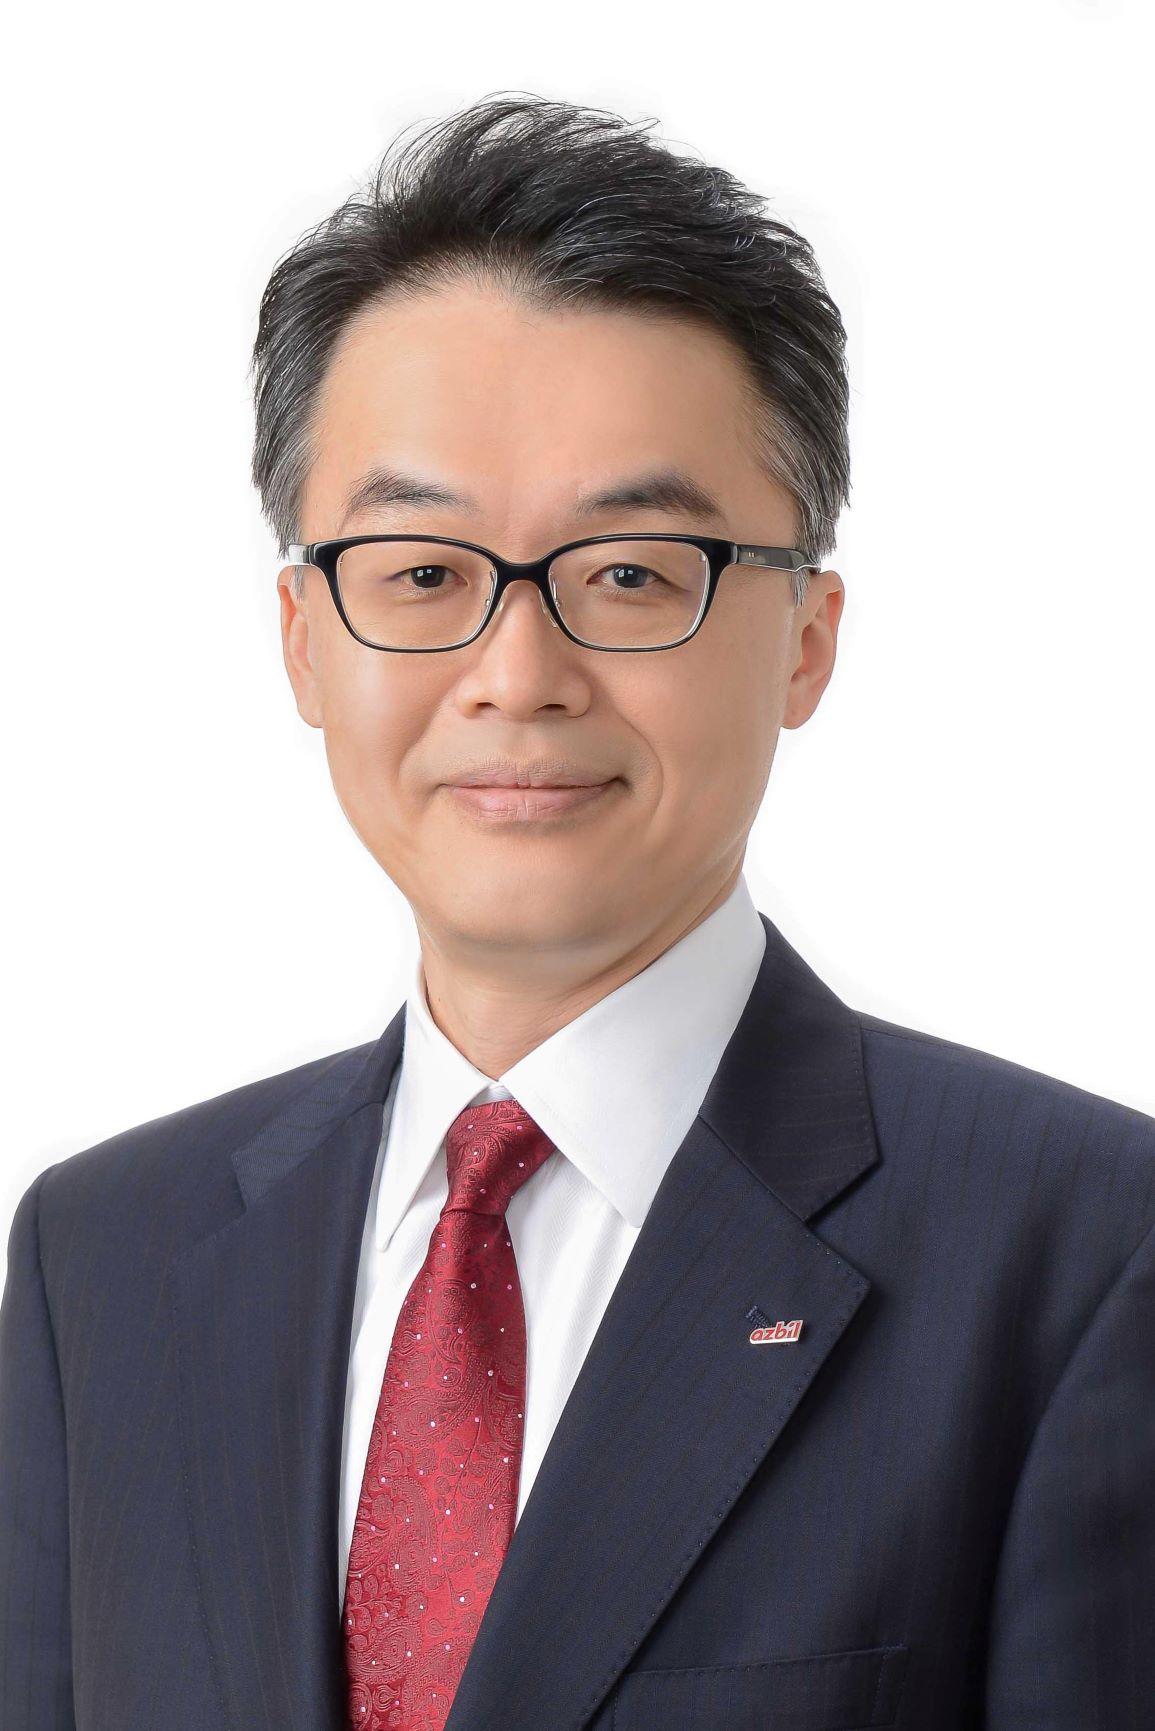 代表取締役社長兼執行役員社長 山本清博